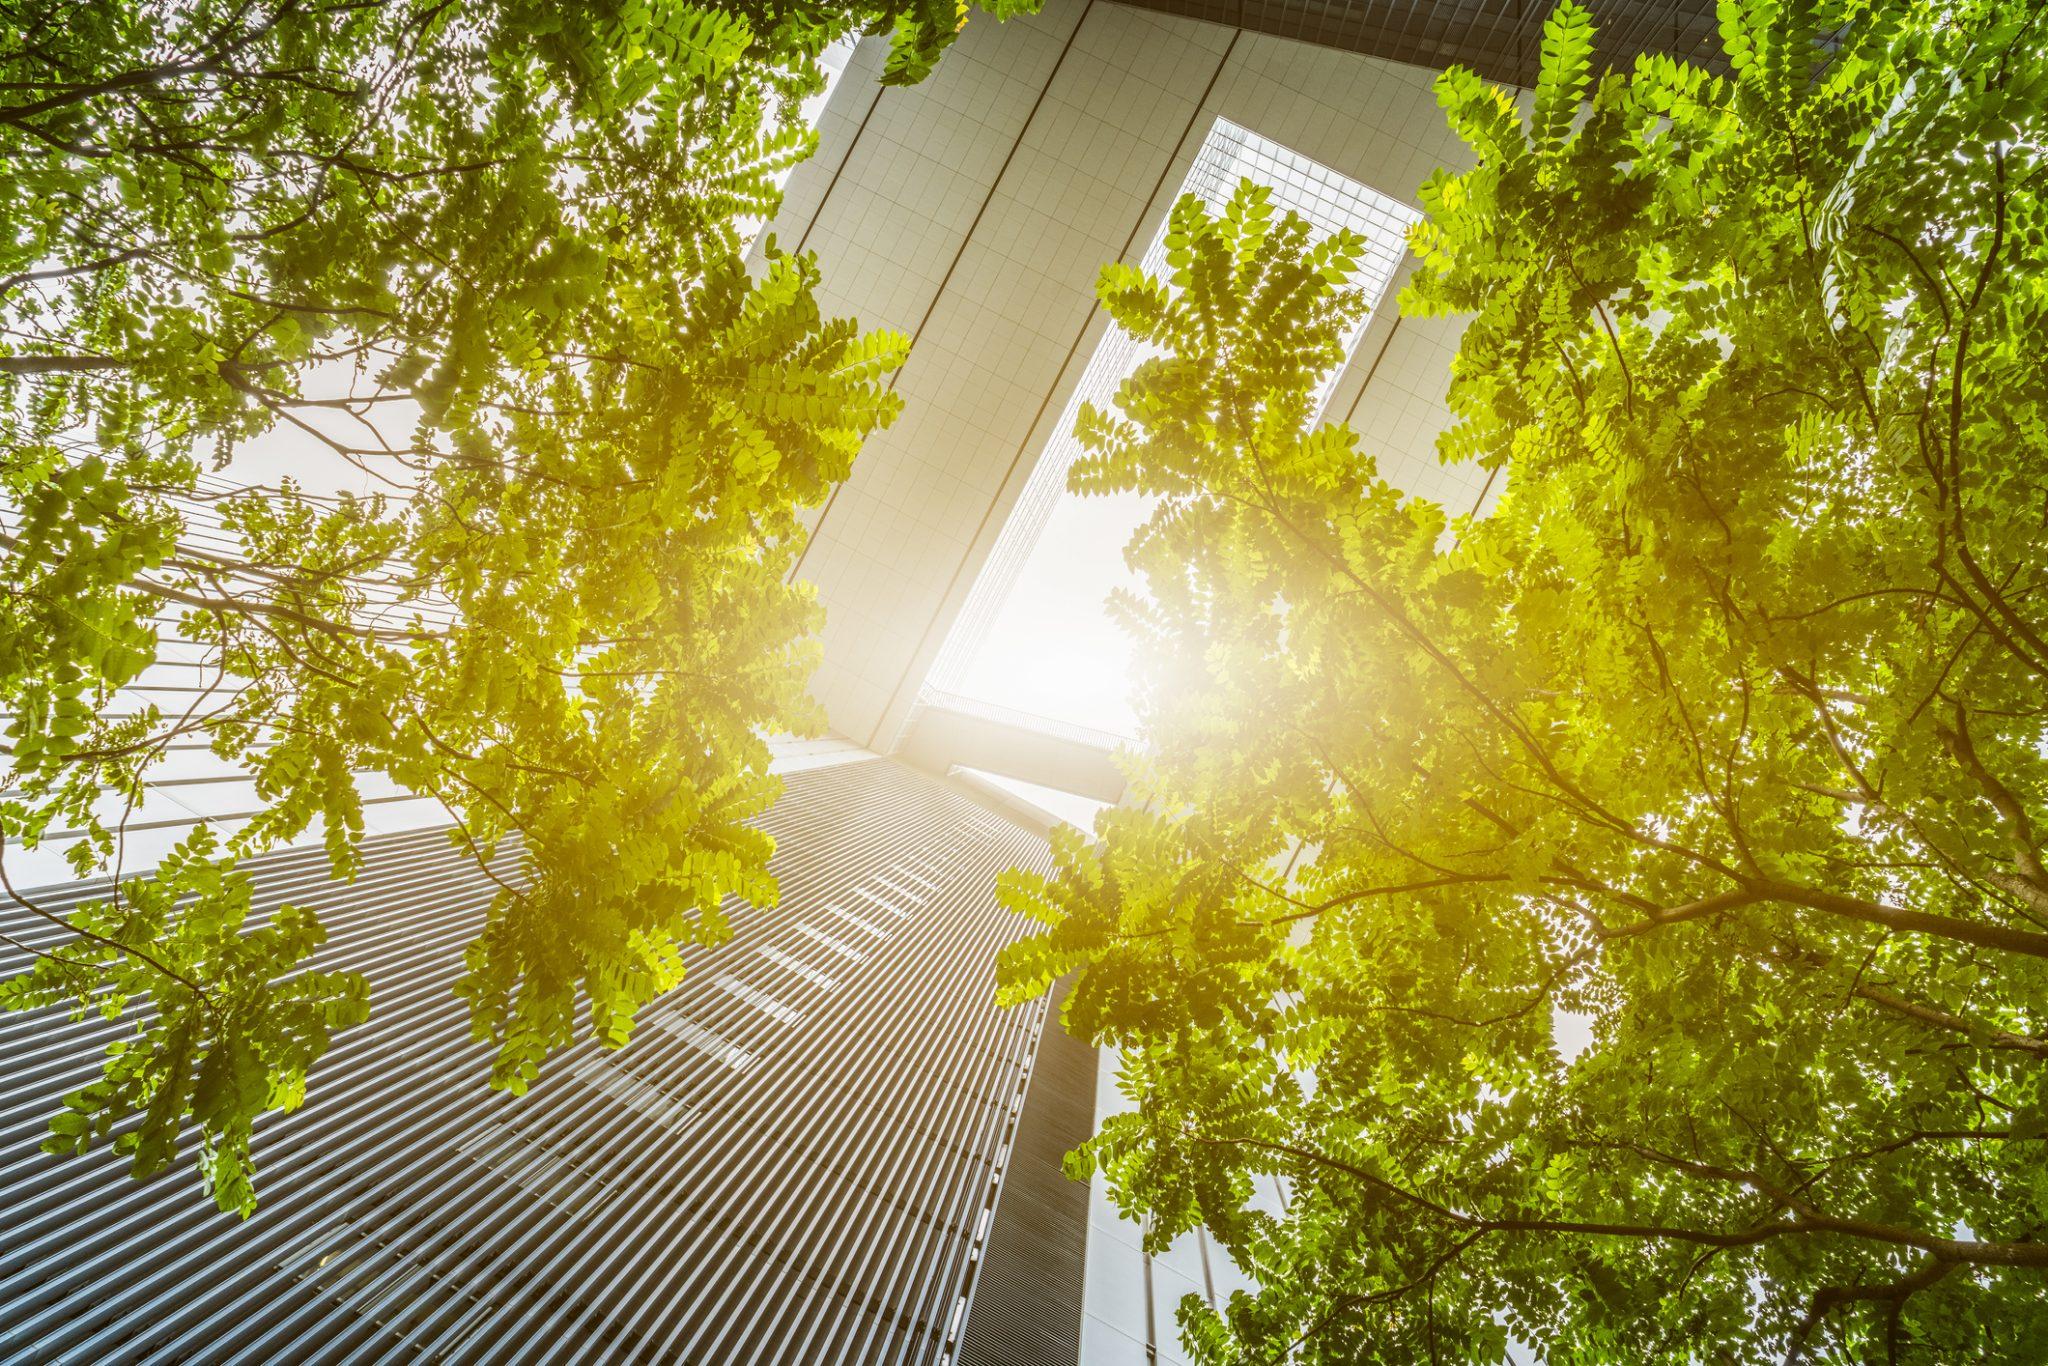 iStock 626394534 2048x1366 1 - végétaville, le média du végétal dans nos cités